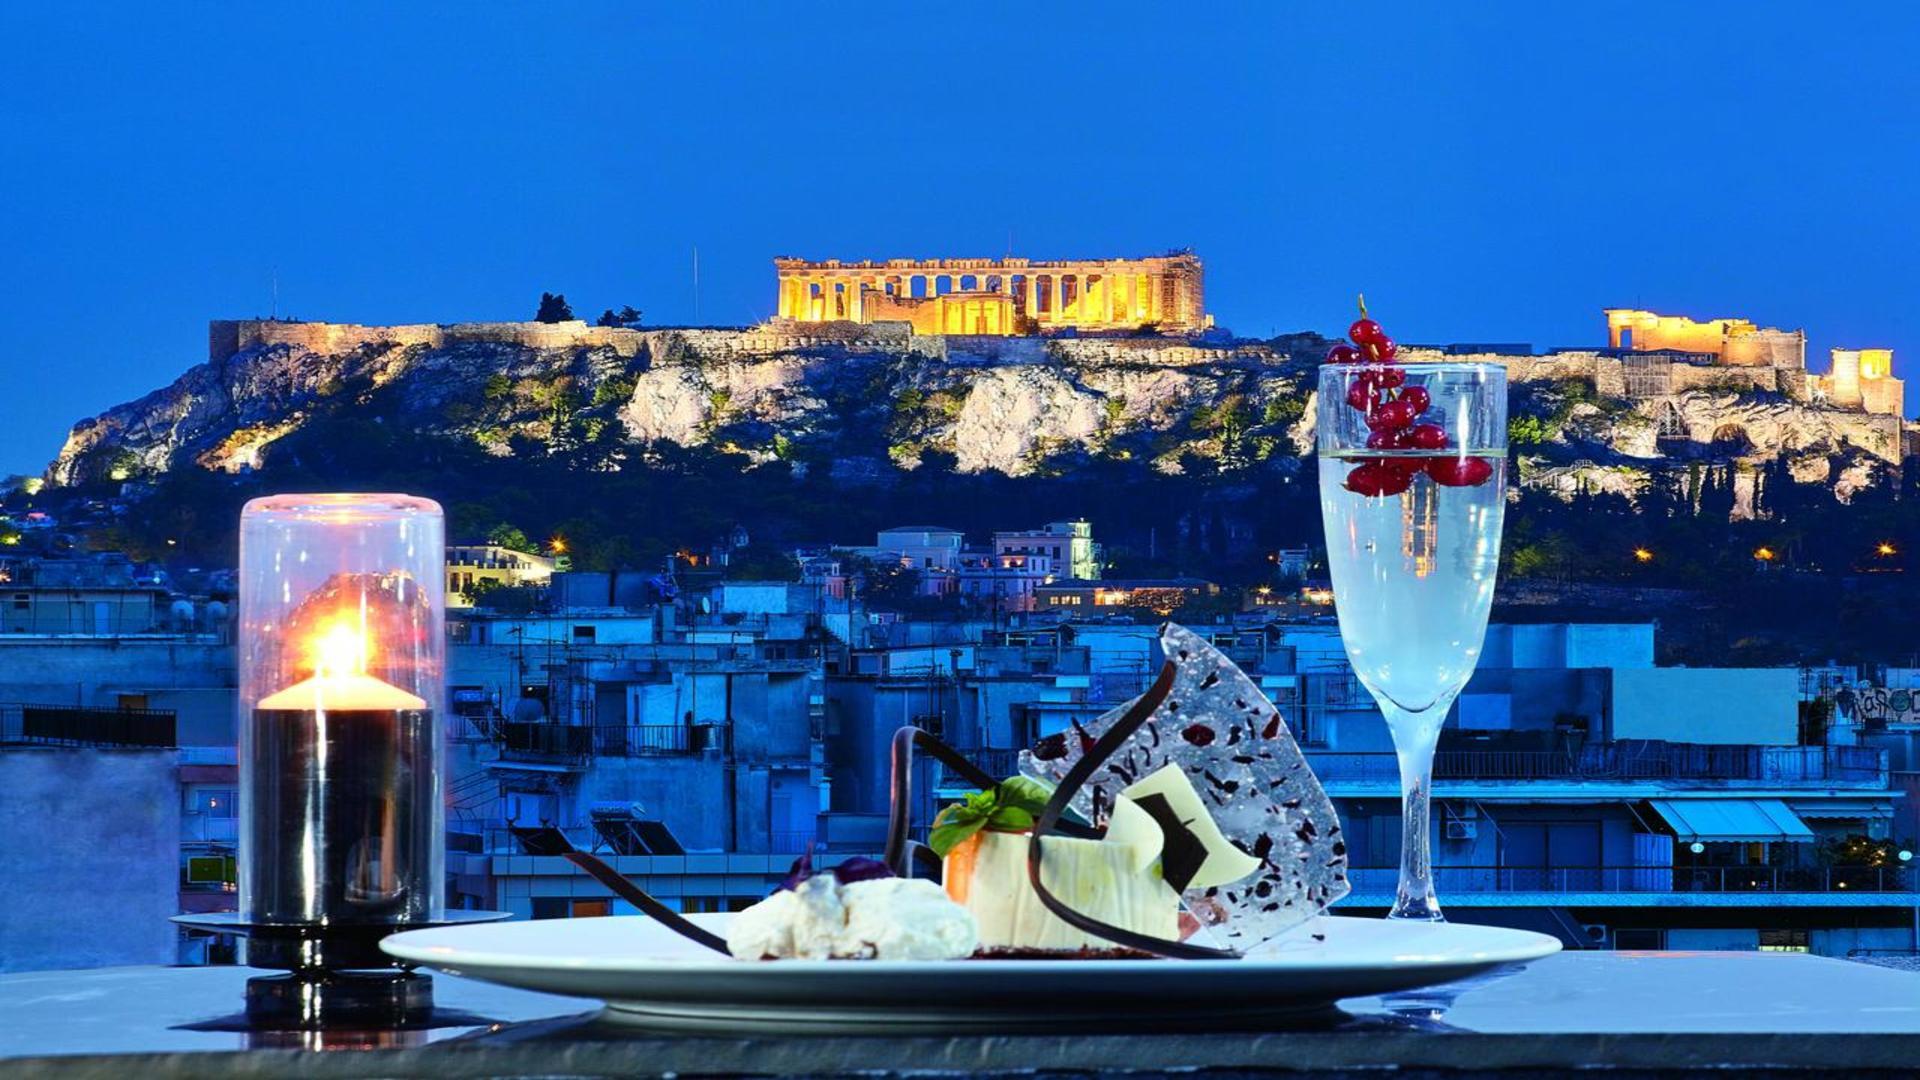 Tafeltje in restaurant met de Acropolis op de achtergrond, Athene, Griekenland